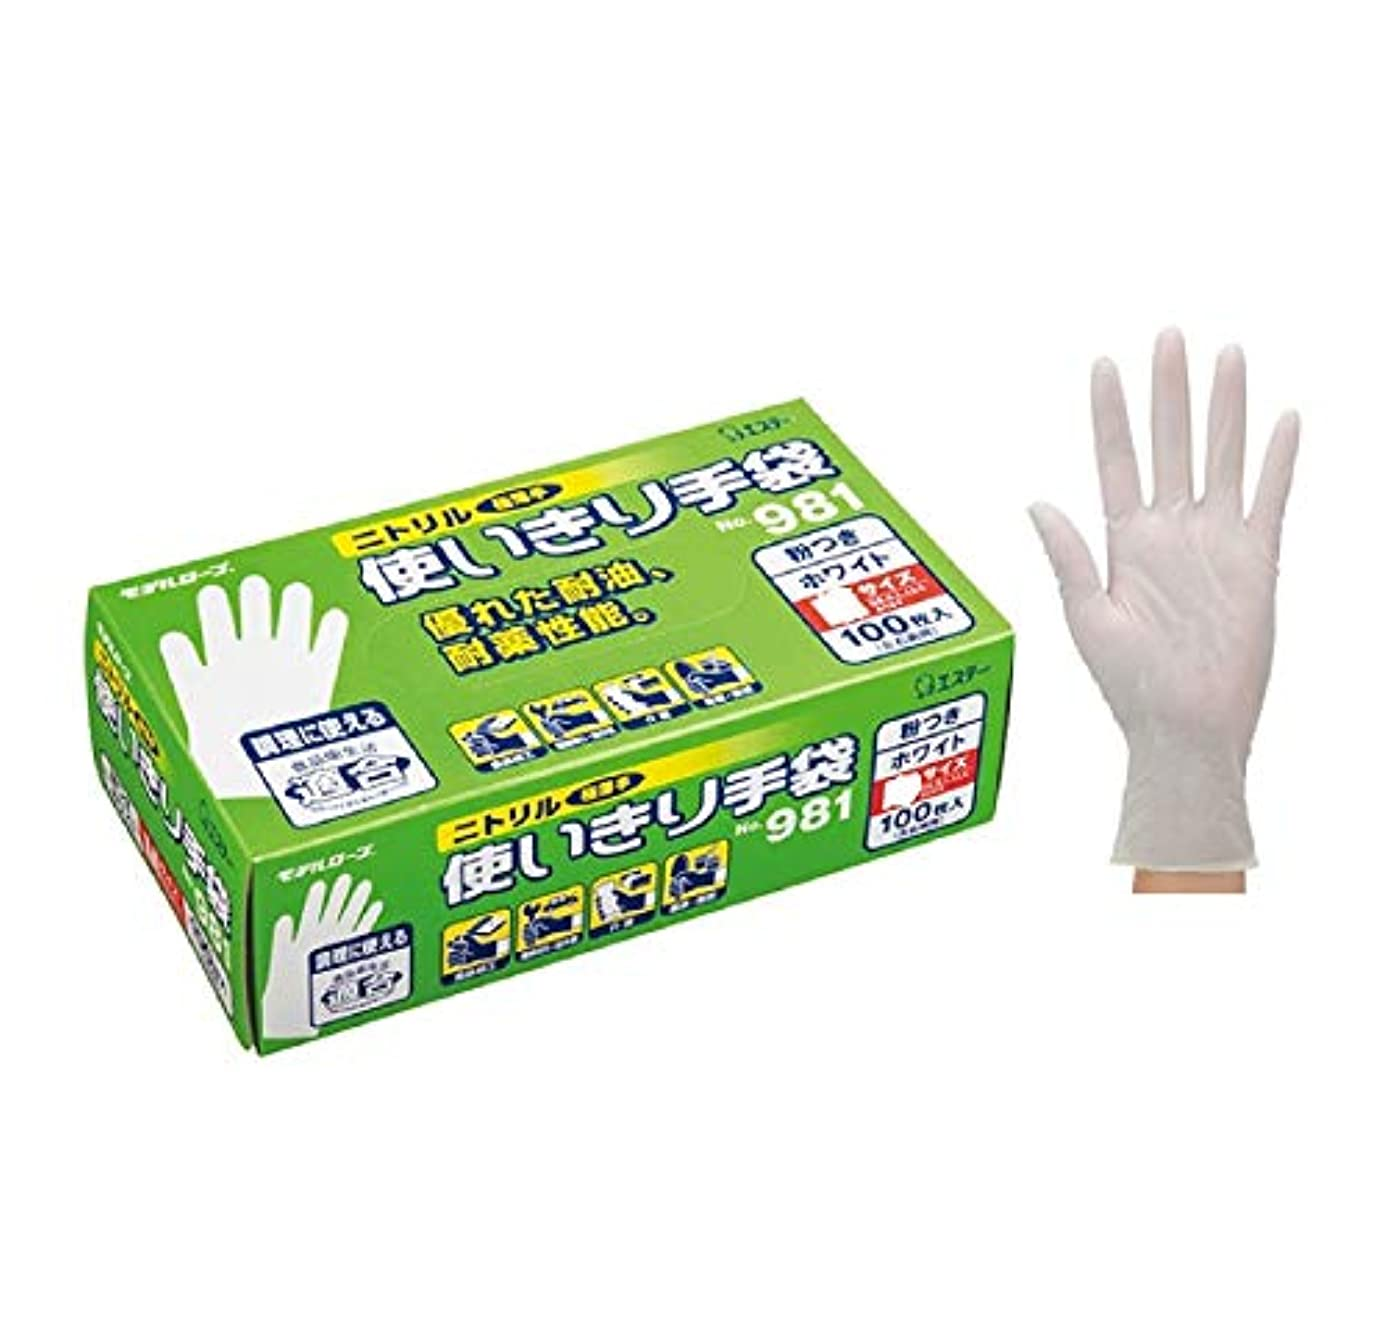 野望非効率的な上下するエステー ニトリル手袋/作業用手袋 [粉付 No981/M 12箱]